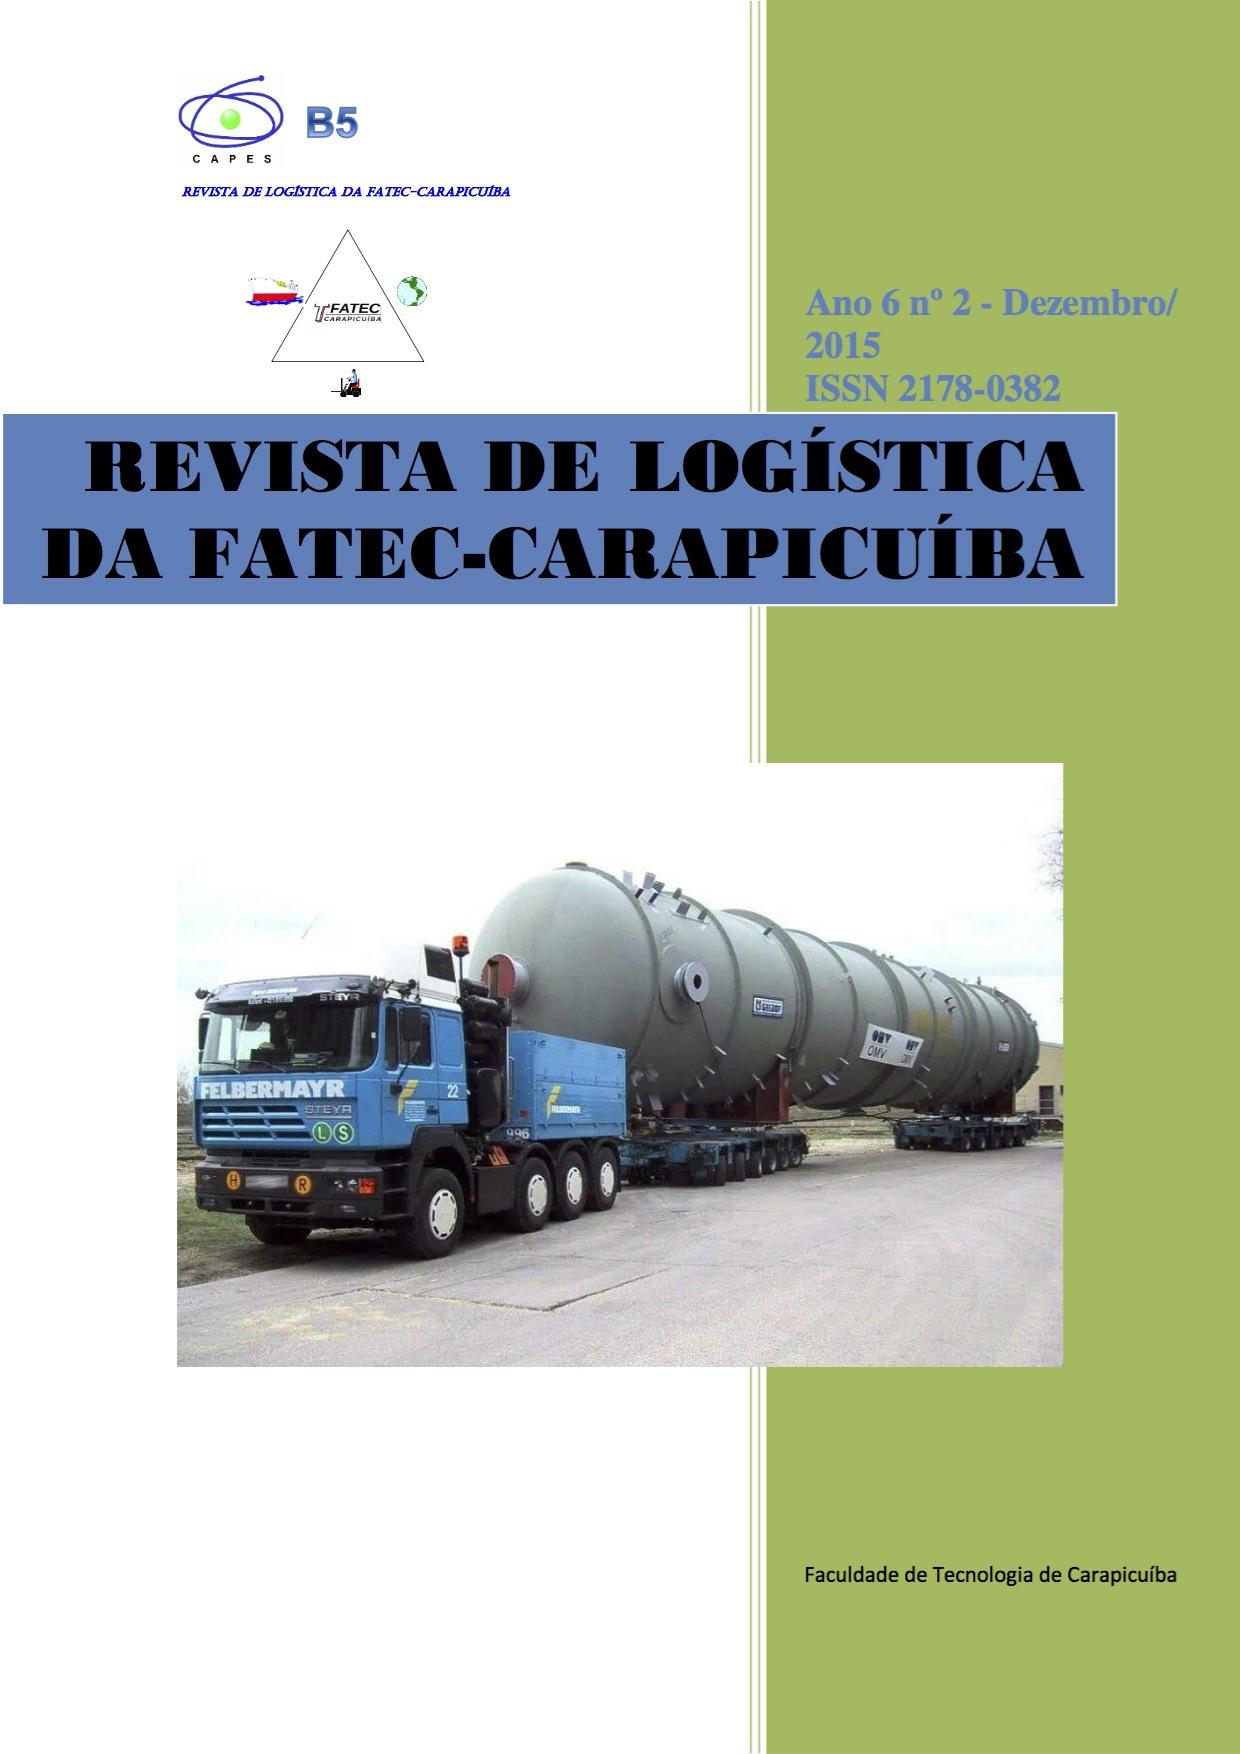 capaRevistaFatecV6N2